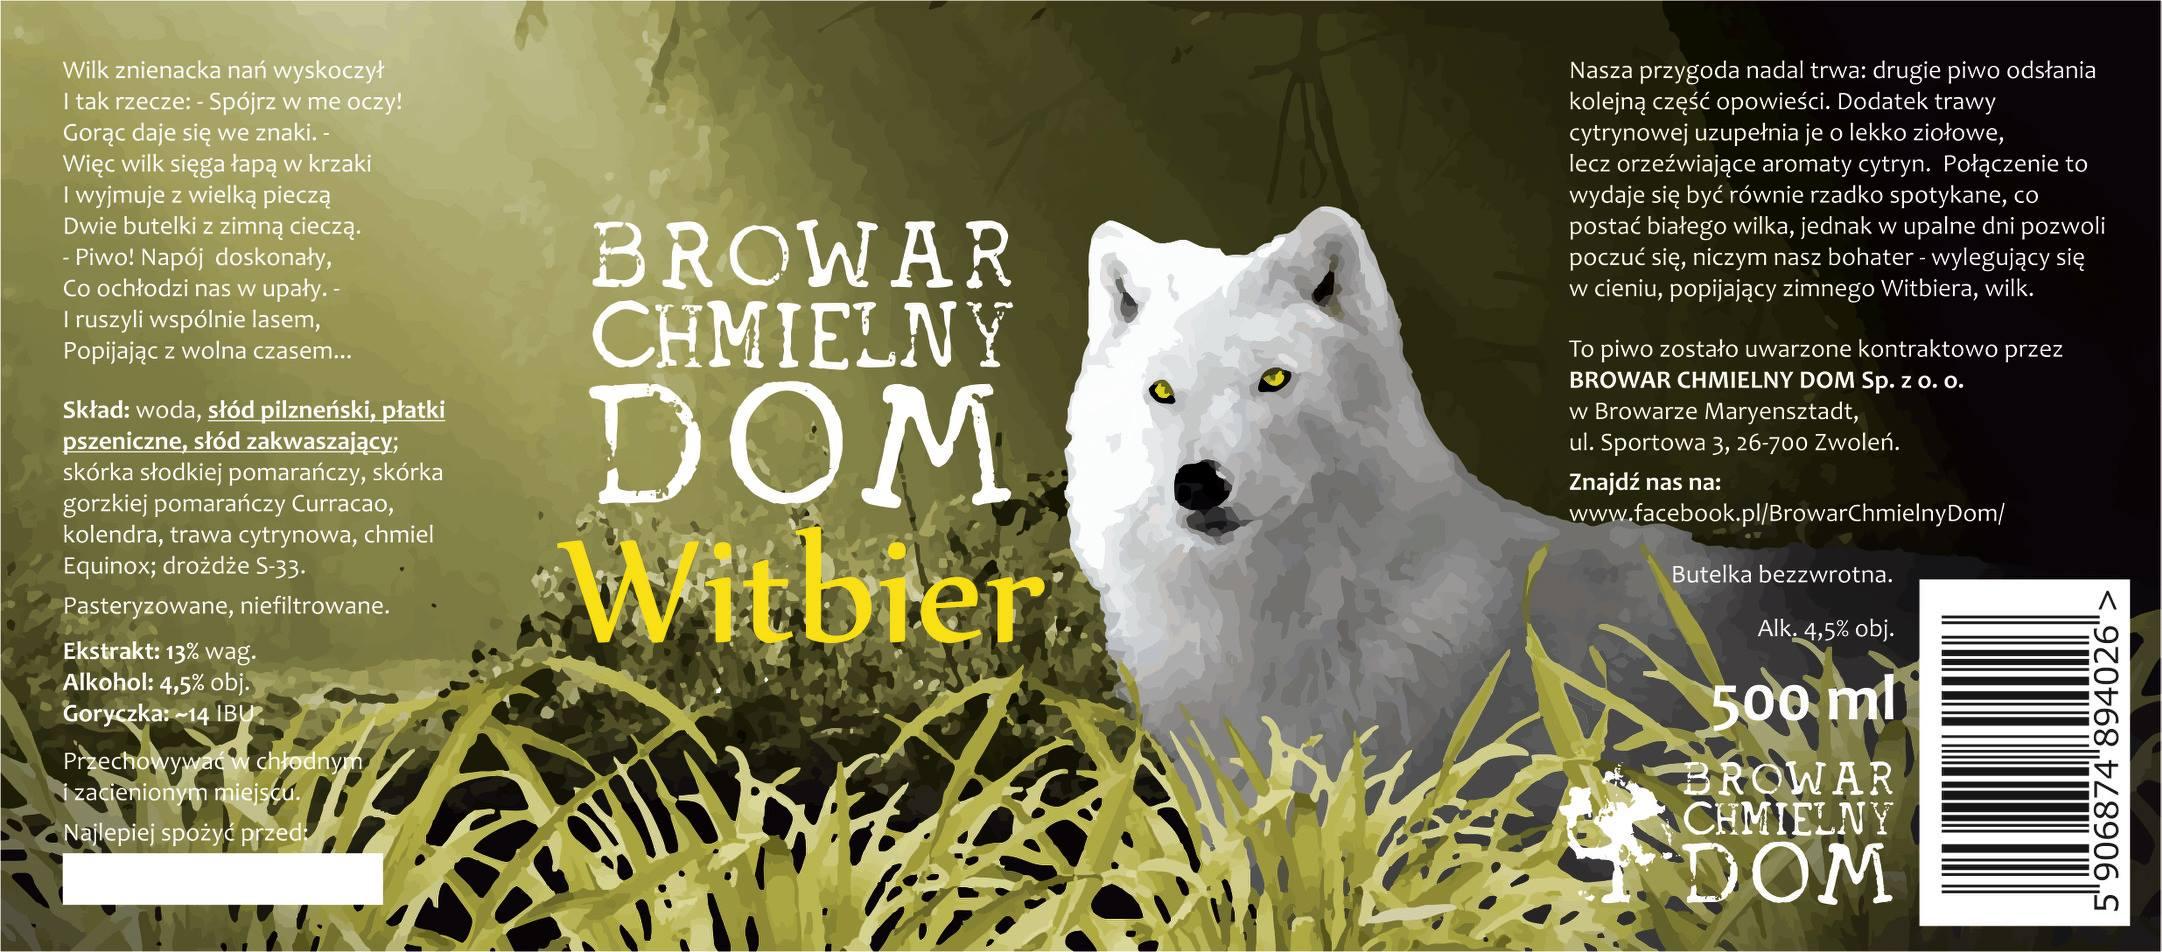 Browar Chmielny Dom WItbier